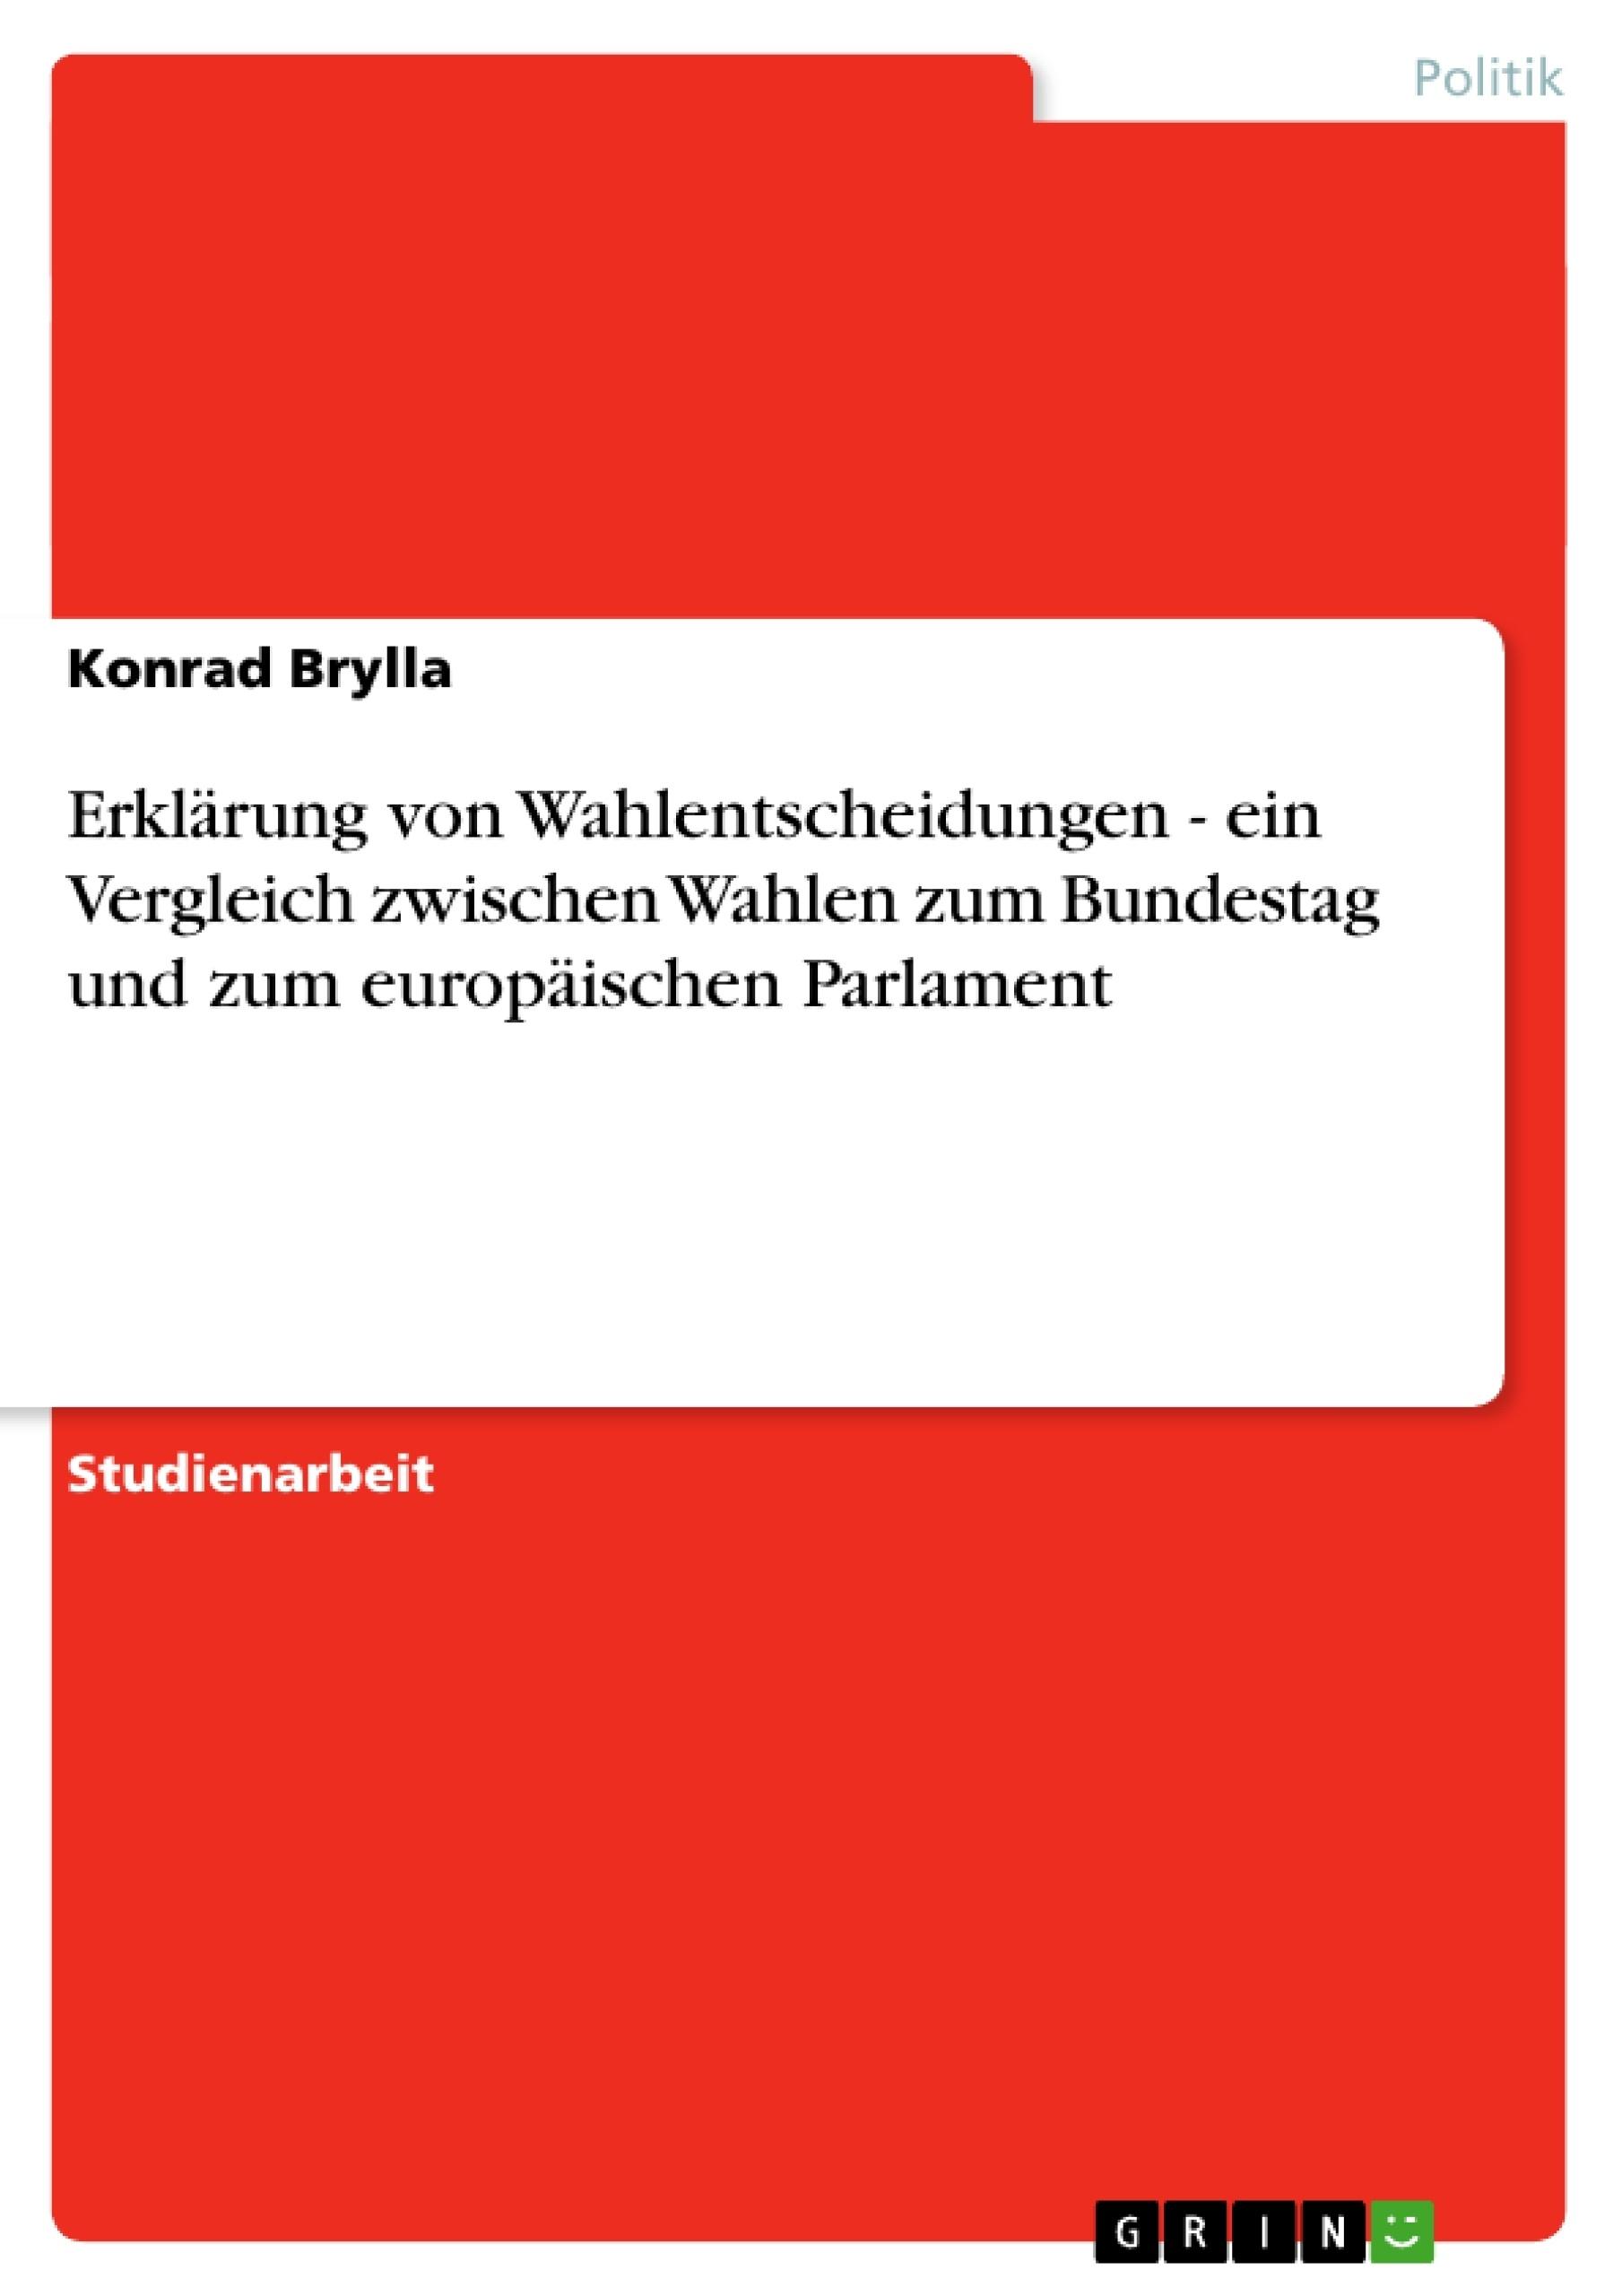 Titel: Erklärung von Wahlentscheidungen - ein Vergleich zwischen Wahlen zum Bundestag und zum europäischen Parlament